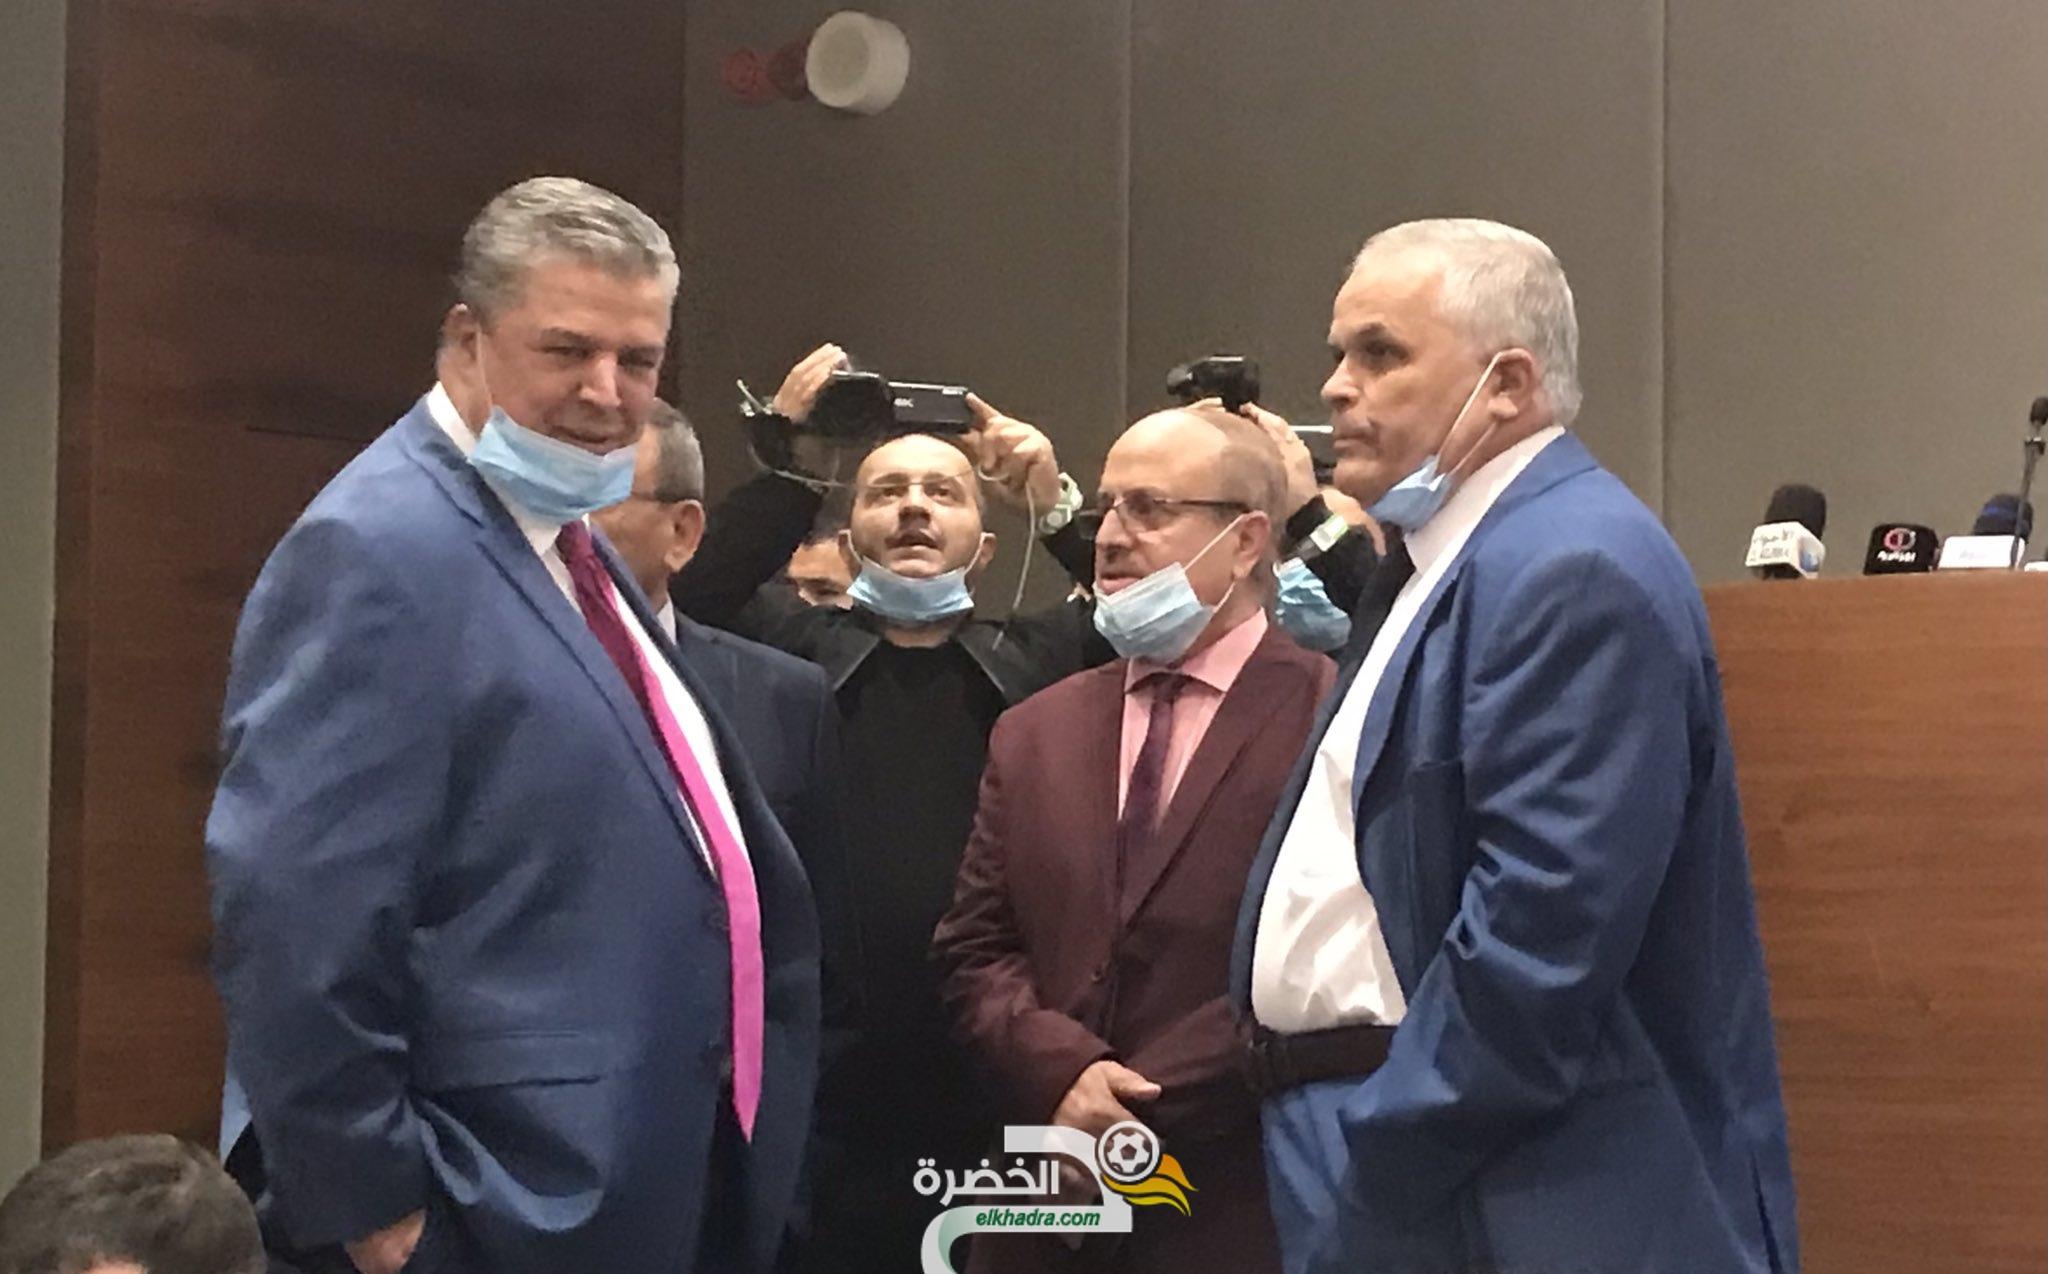 """اهم تصريحات شرف الدين عمارة """" كمرشح لرئاسة الفاف"""" 26"""